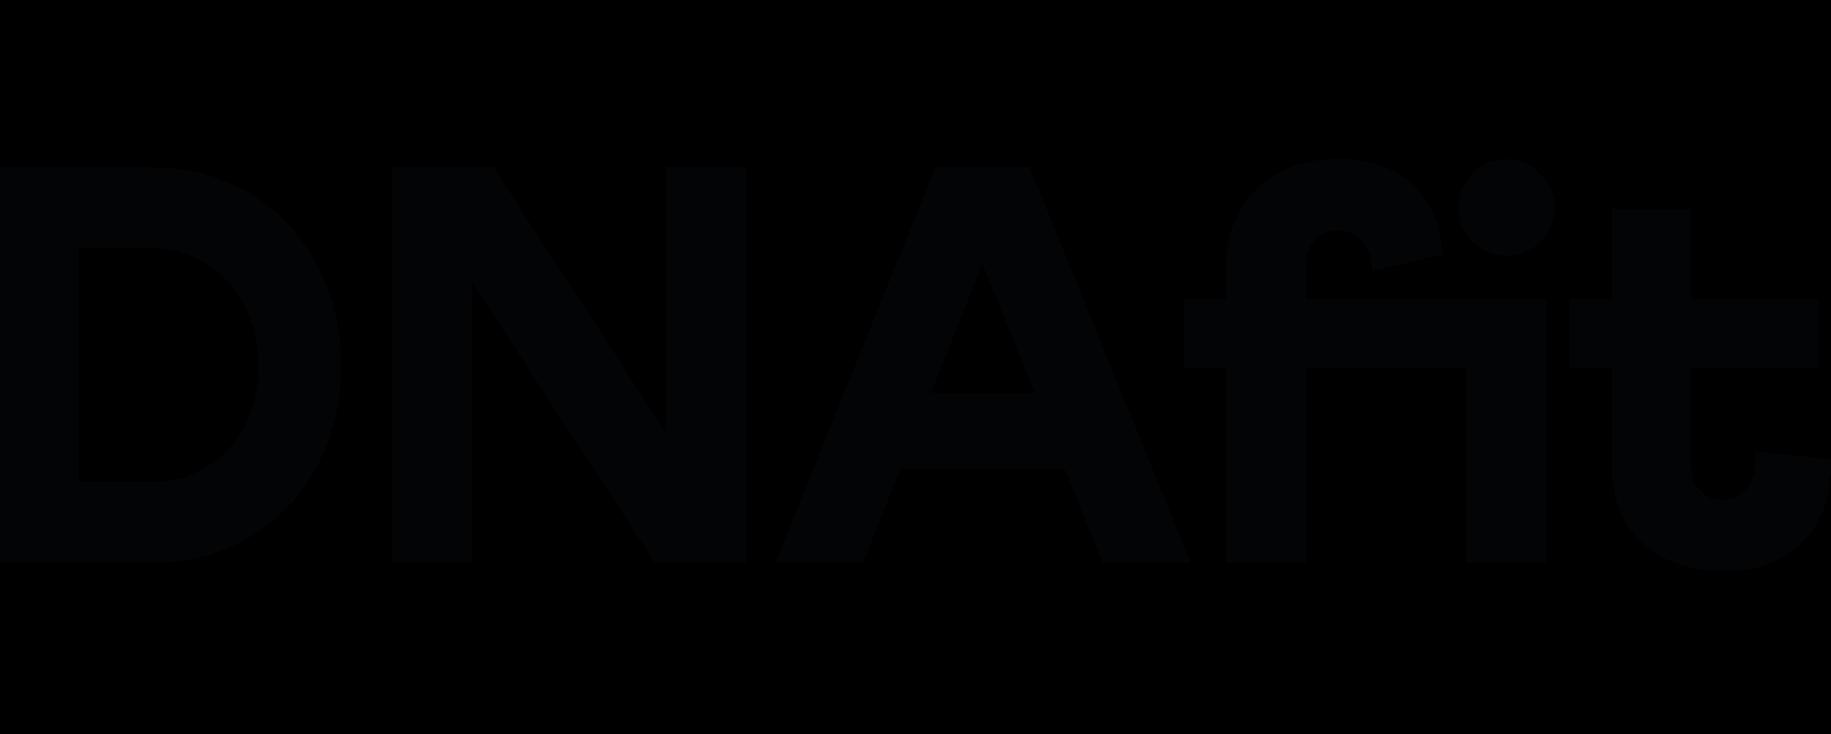 DNAFit Logo Black.png